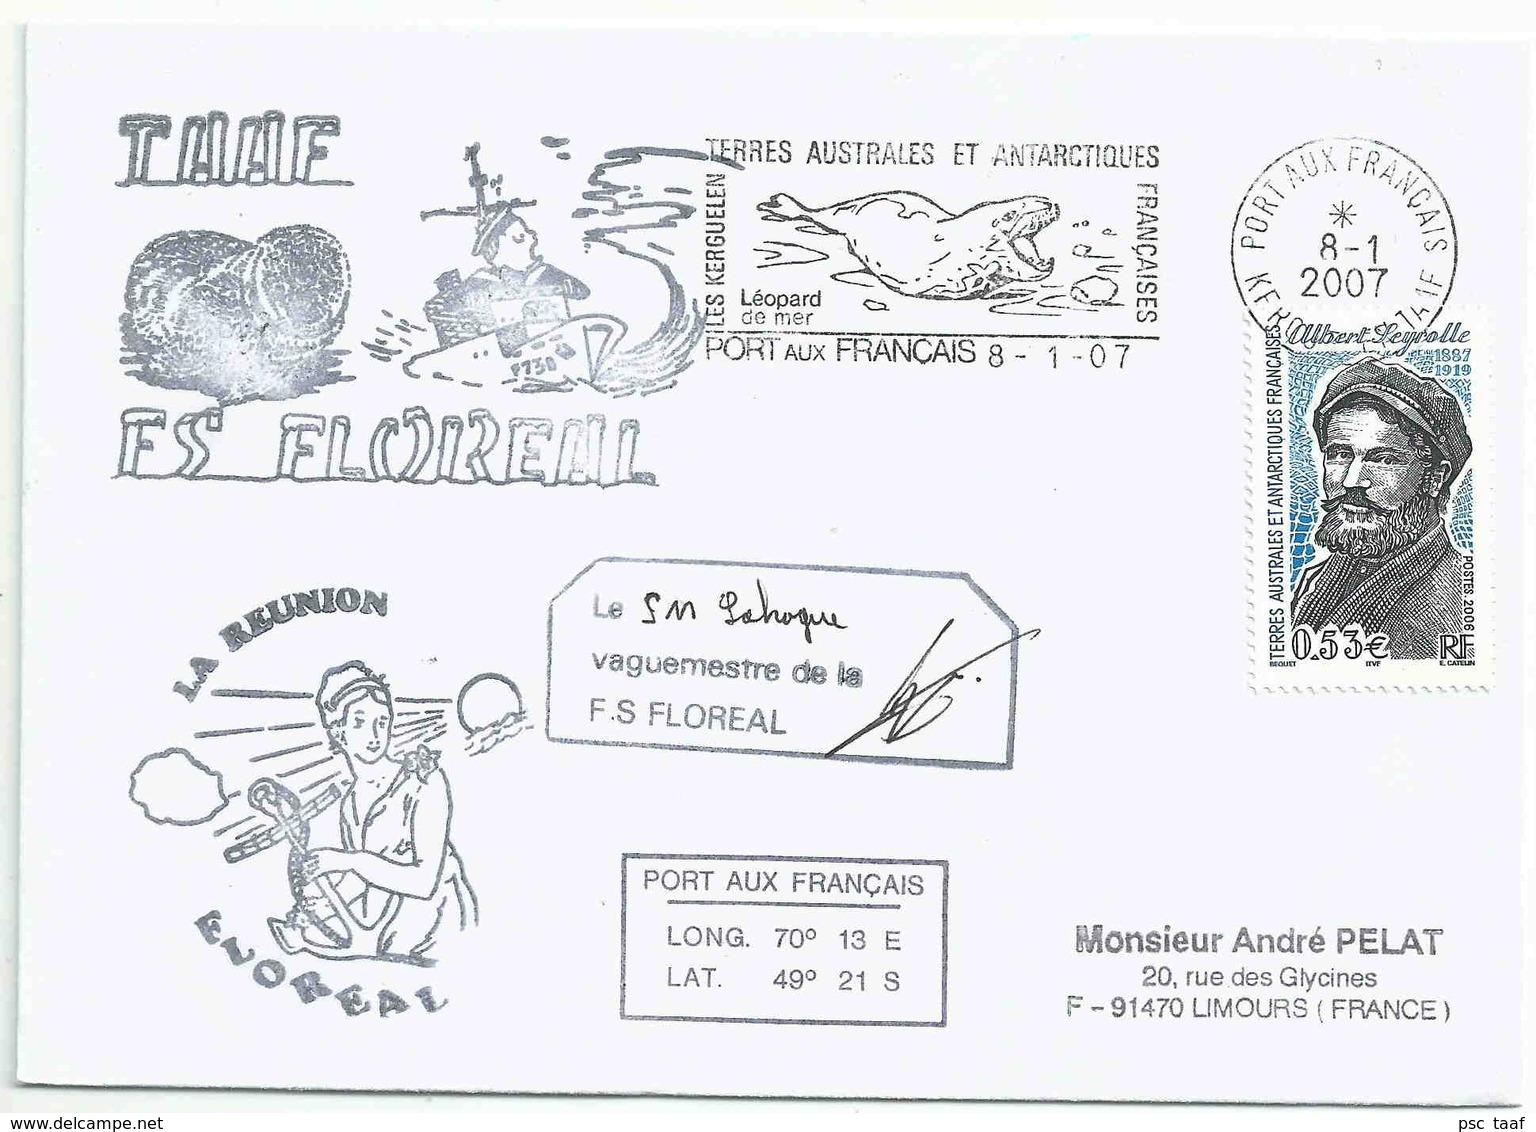 YT 437 - Albert Seyrolle - Explorateur - Posté à Bord Du Floréal - Secap De Port Aux Français - Kerguelen - 08/01/2007 - Explorers